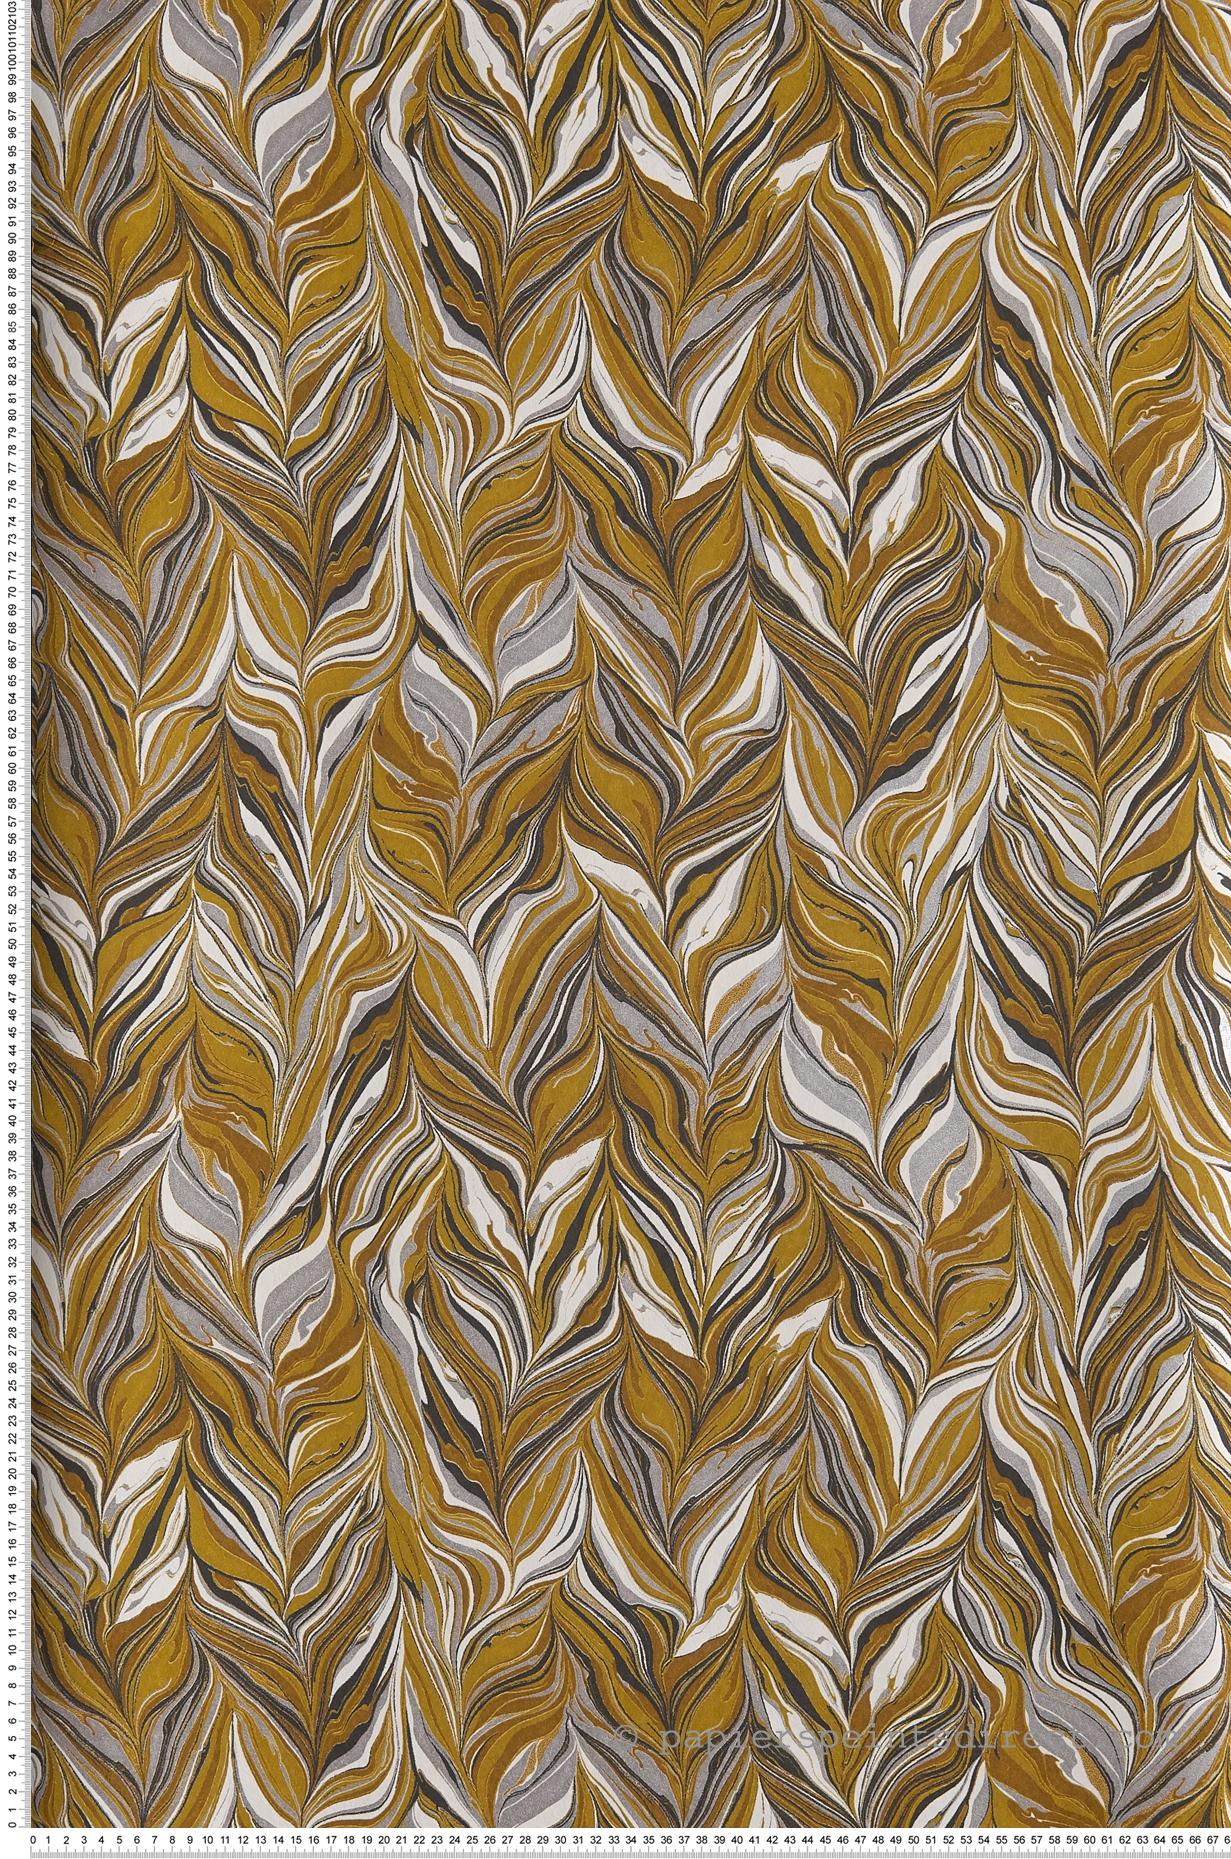 Papier Peint Jaune Moutarde papier peint miller moutarde - ellington de casamance   réf